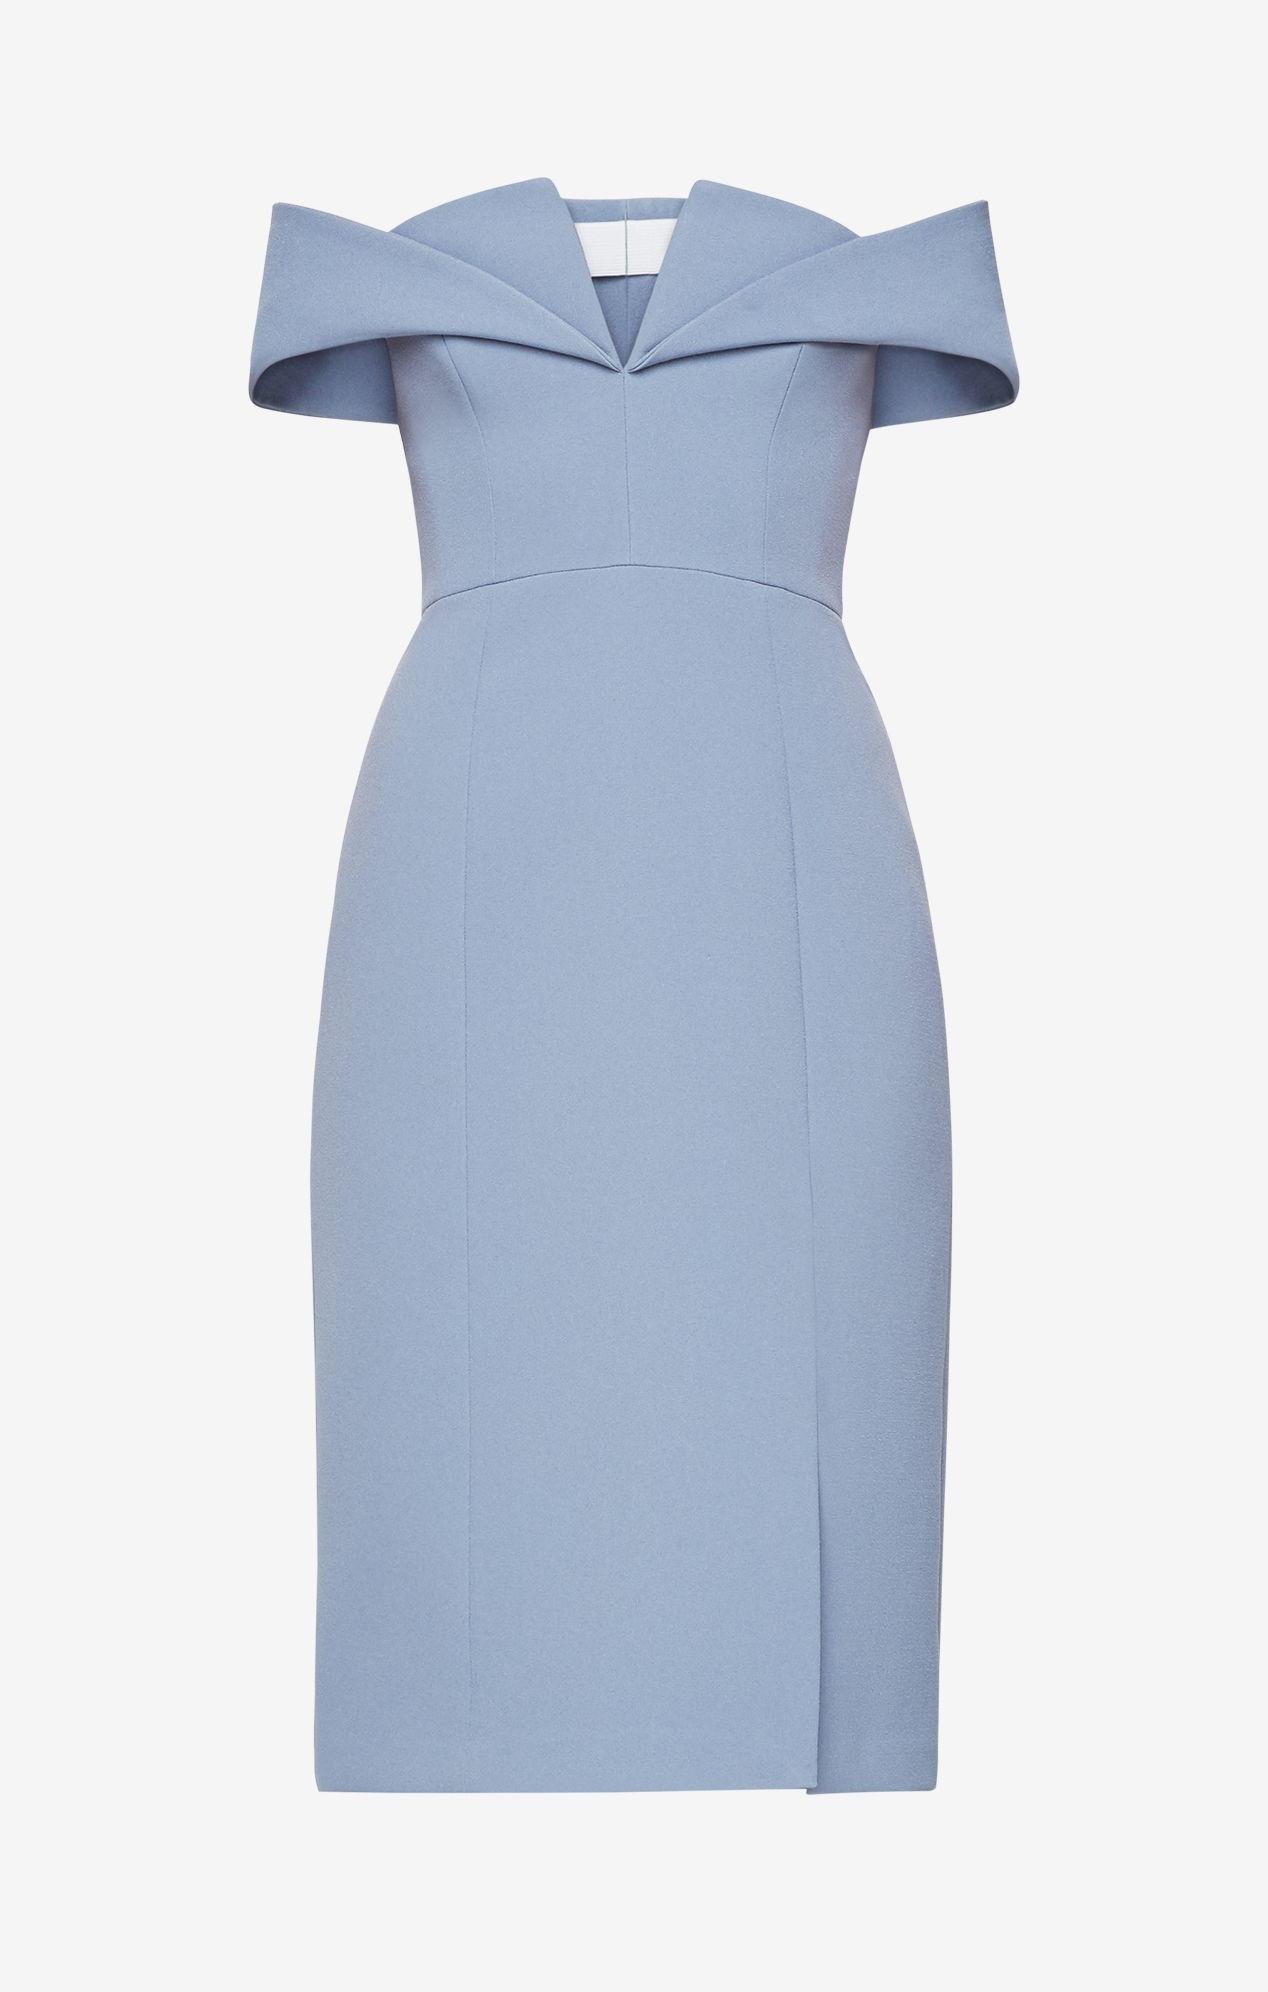 15 Kreativ Tolles Kleid Für Hochzeit BoutiqueDesigner Perfekt Tolles Kleid Für Hochzeit Vertrieb